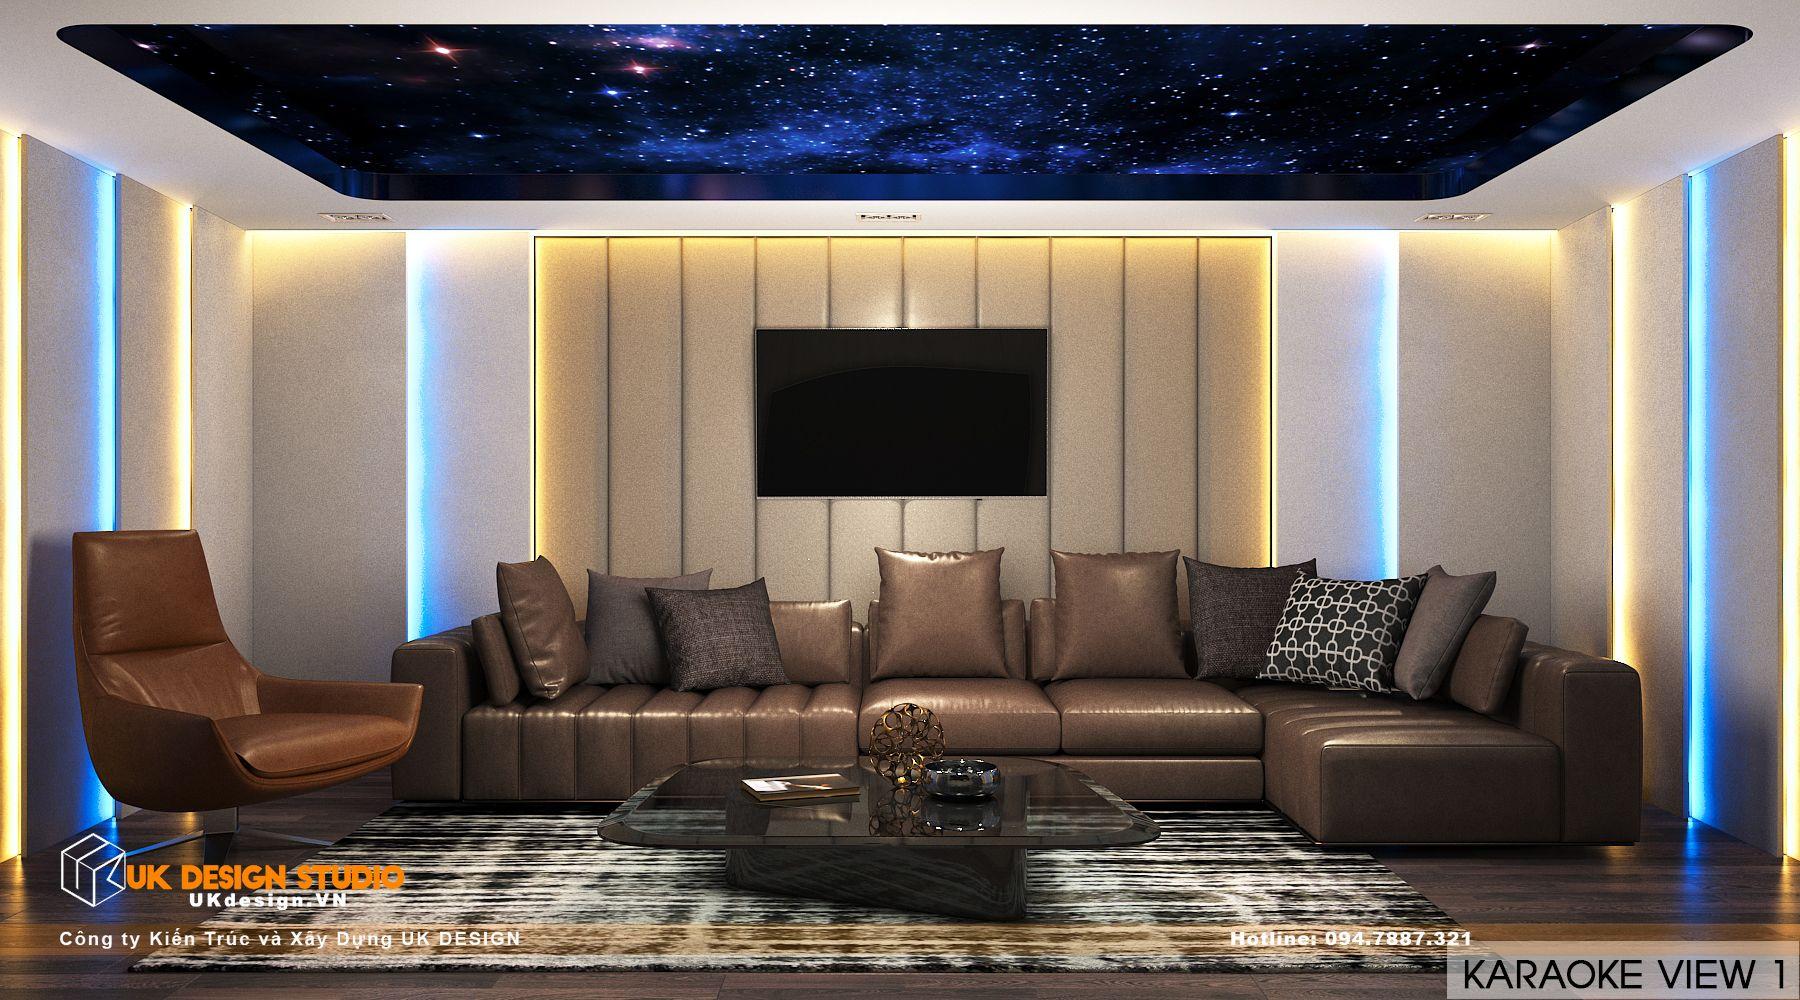 Thiết kế nội thất biệt thự nhà đẹp 3 tầng ở Quận 8 - Phòng karaoke 1